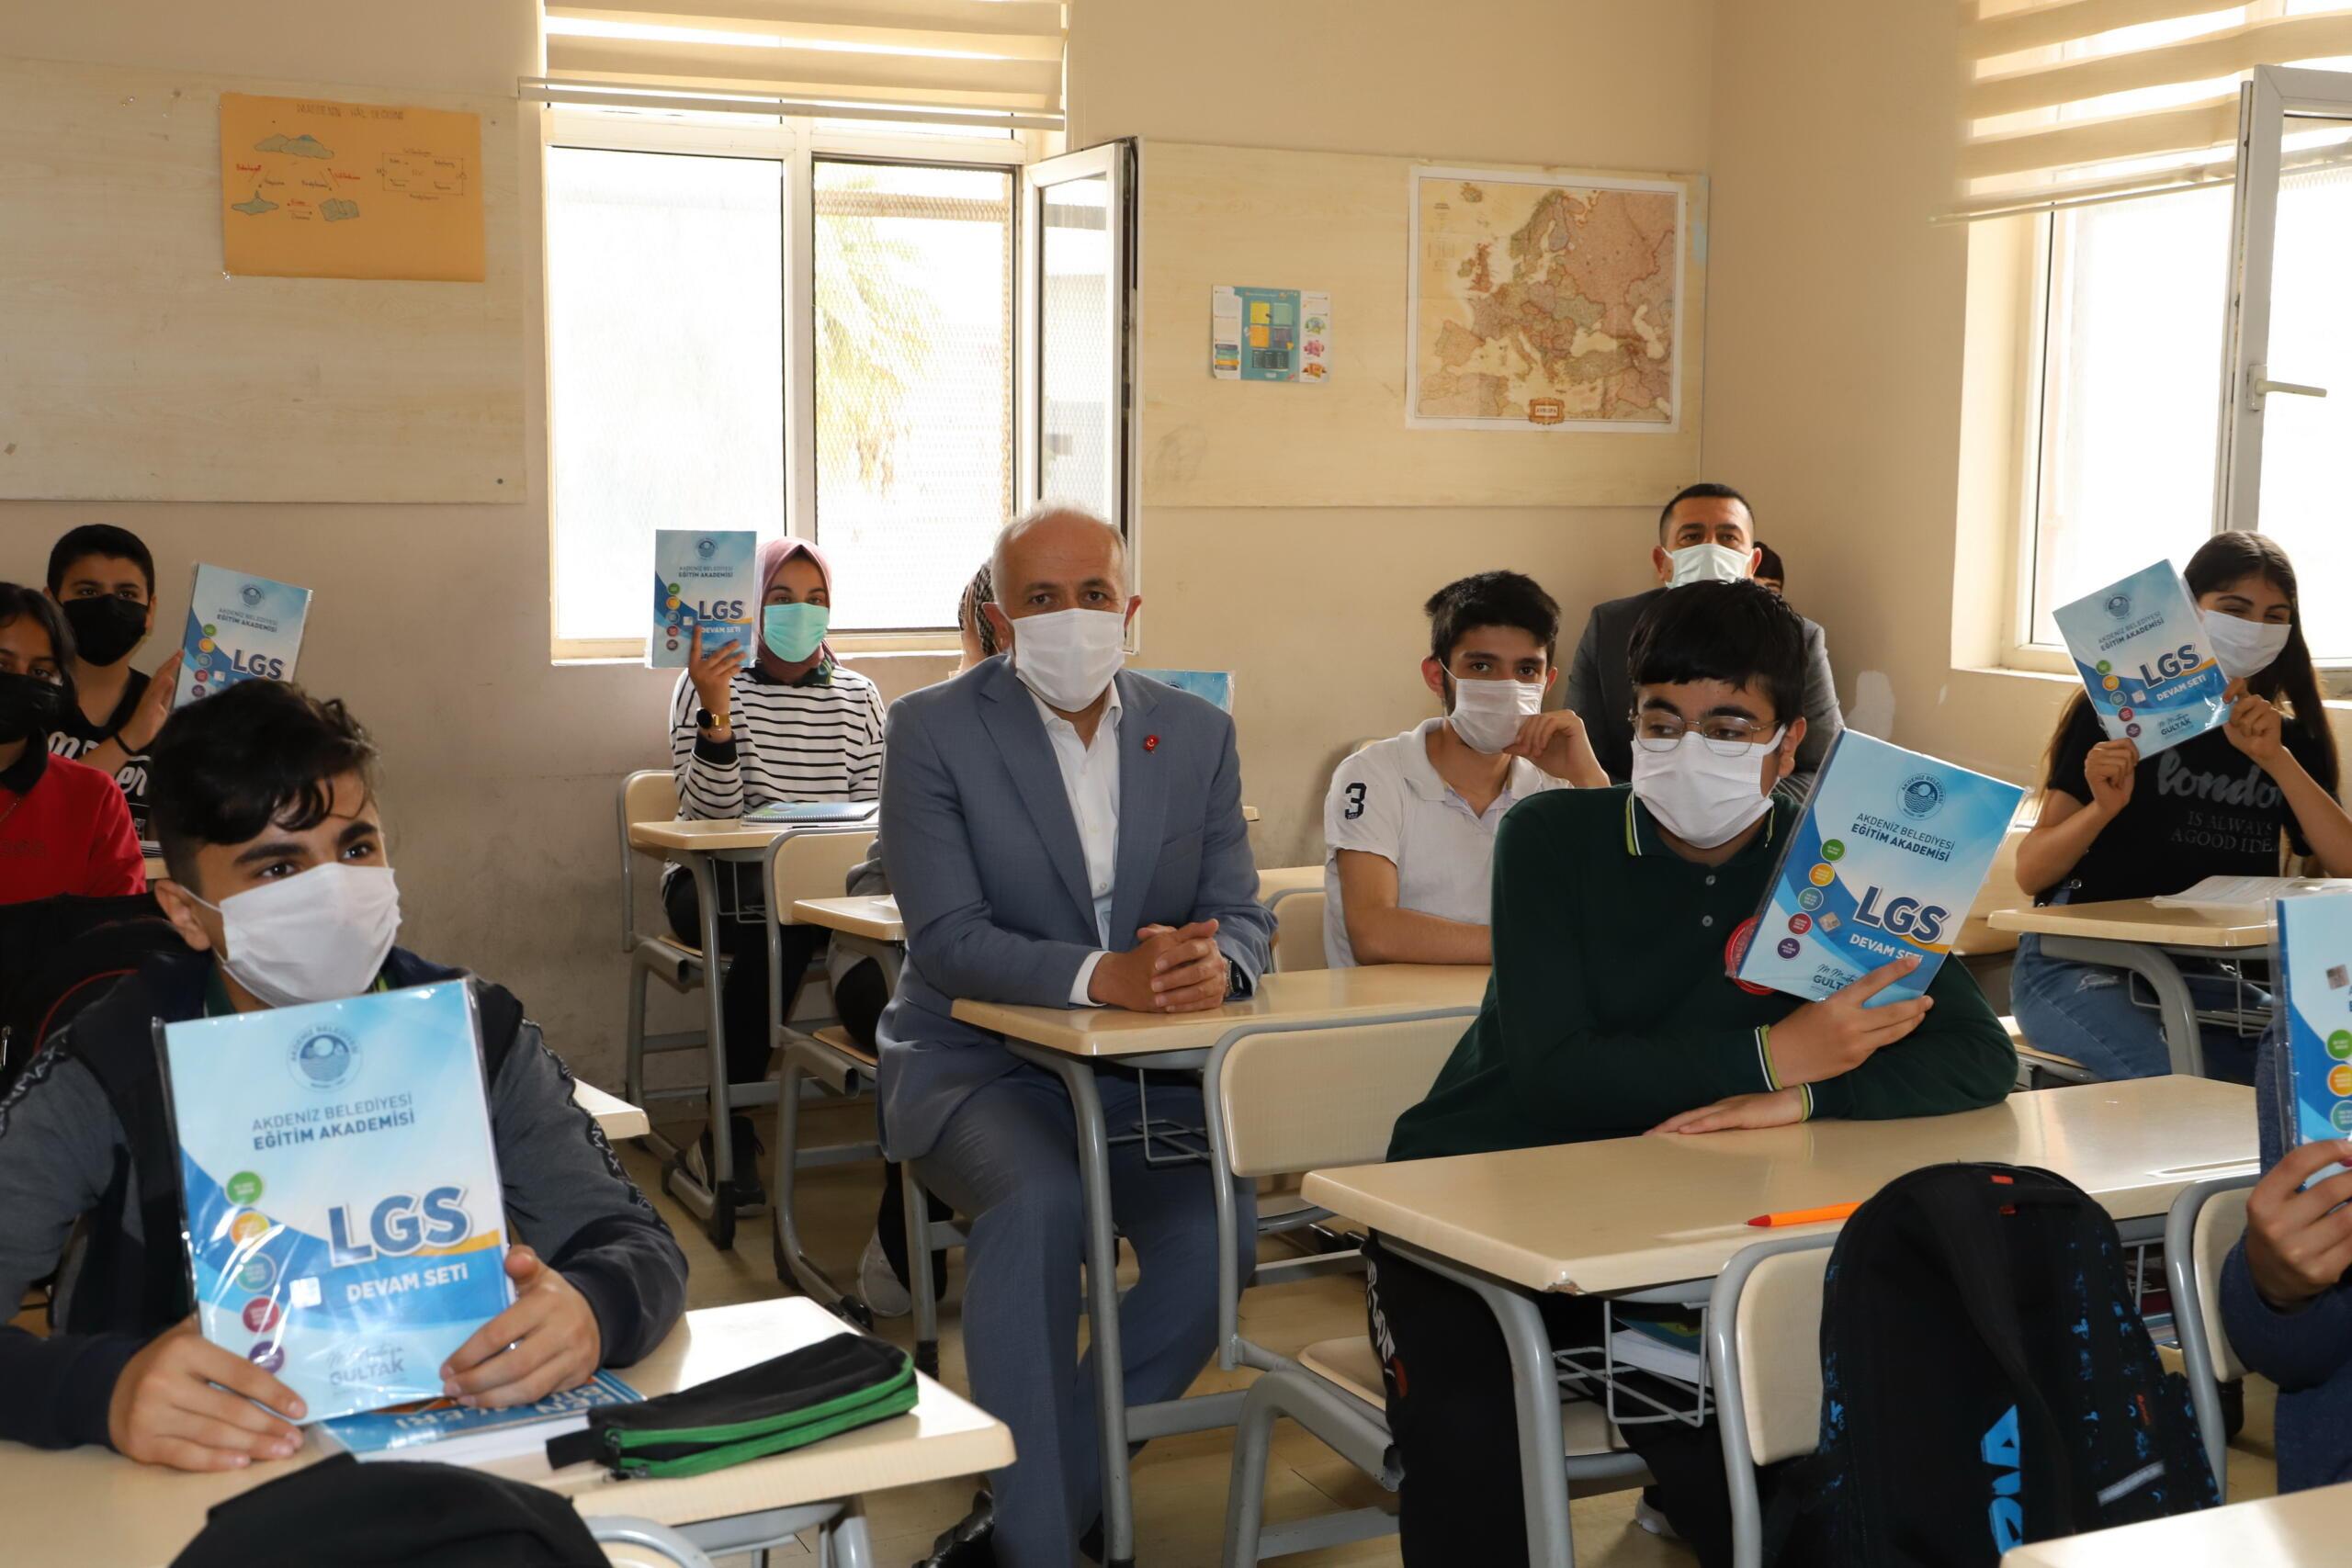 İki okulda düzenlenen kitap dağıtım törenine Başkan Gültak da katıldı